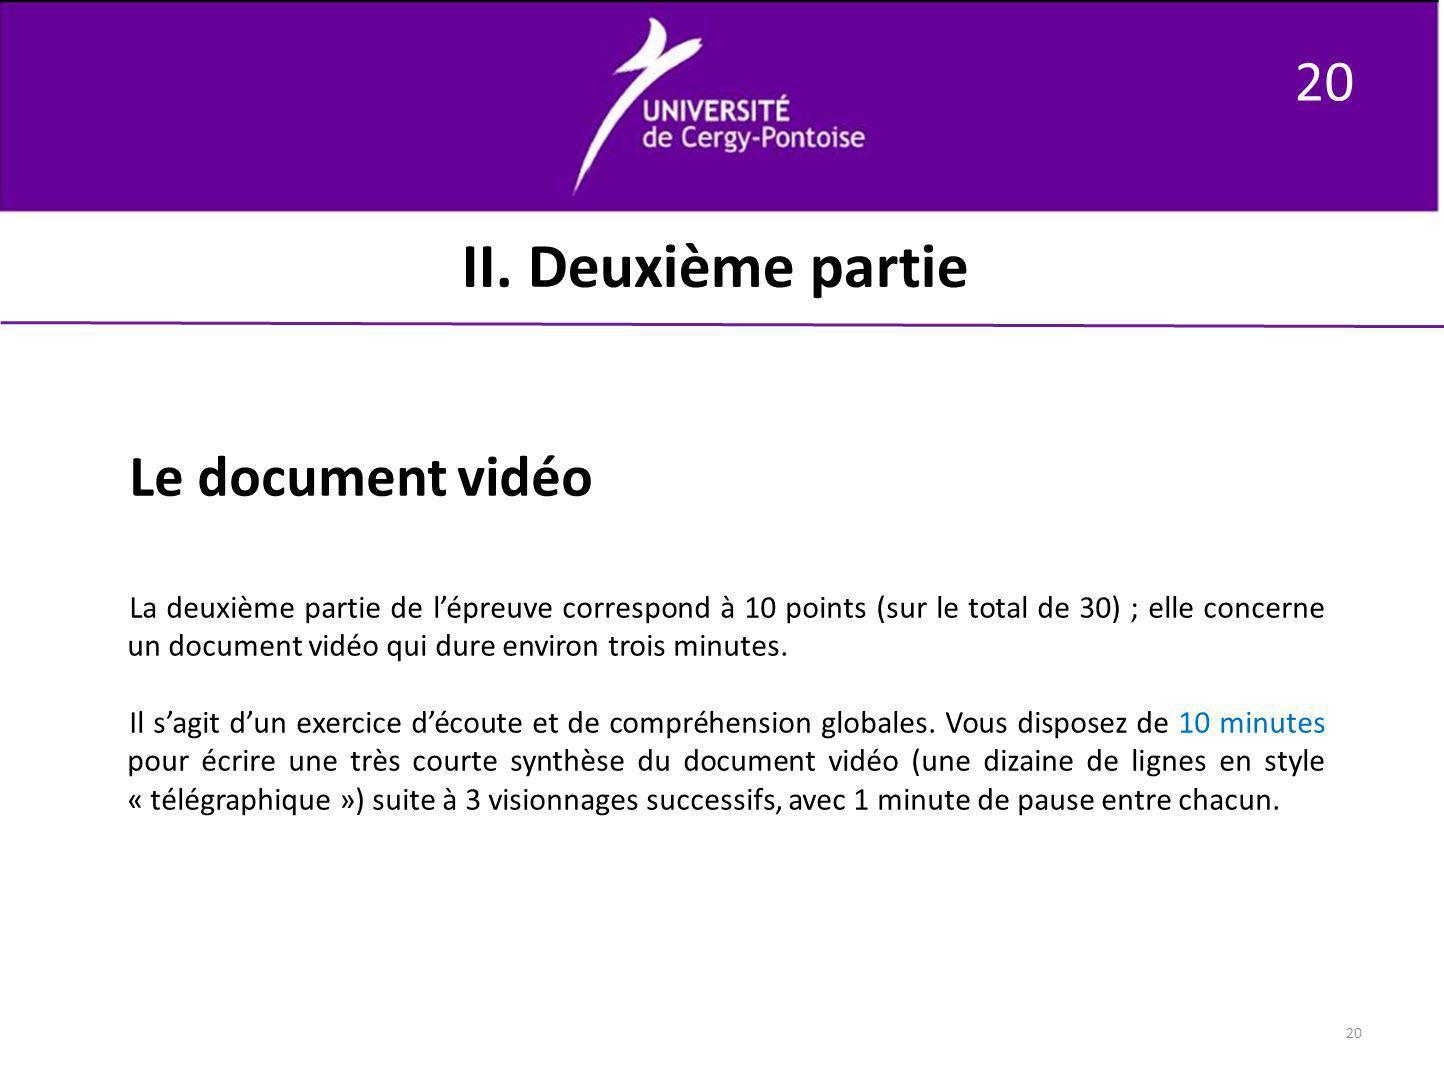 20 II. Deuxième partie Le document vidéo La deuxième partie de lépreuve correspond à 10 points (sur le total de 30) ; elle concerne un document vidéo